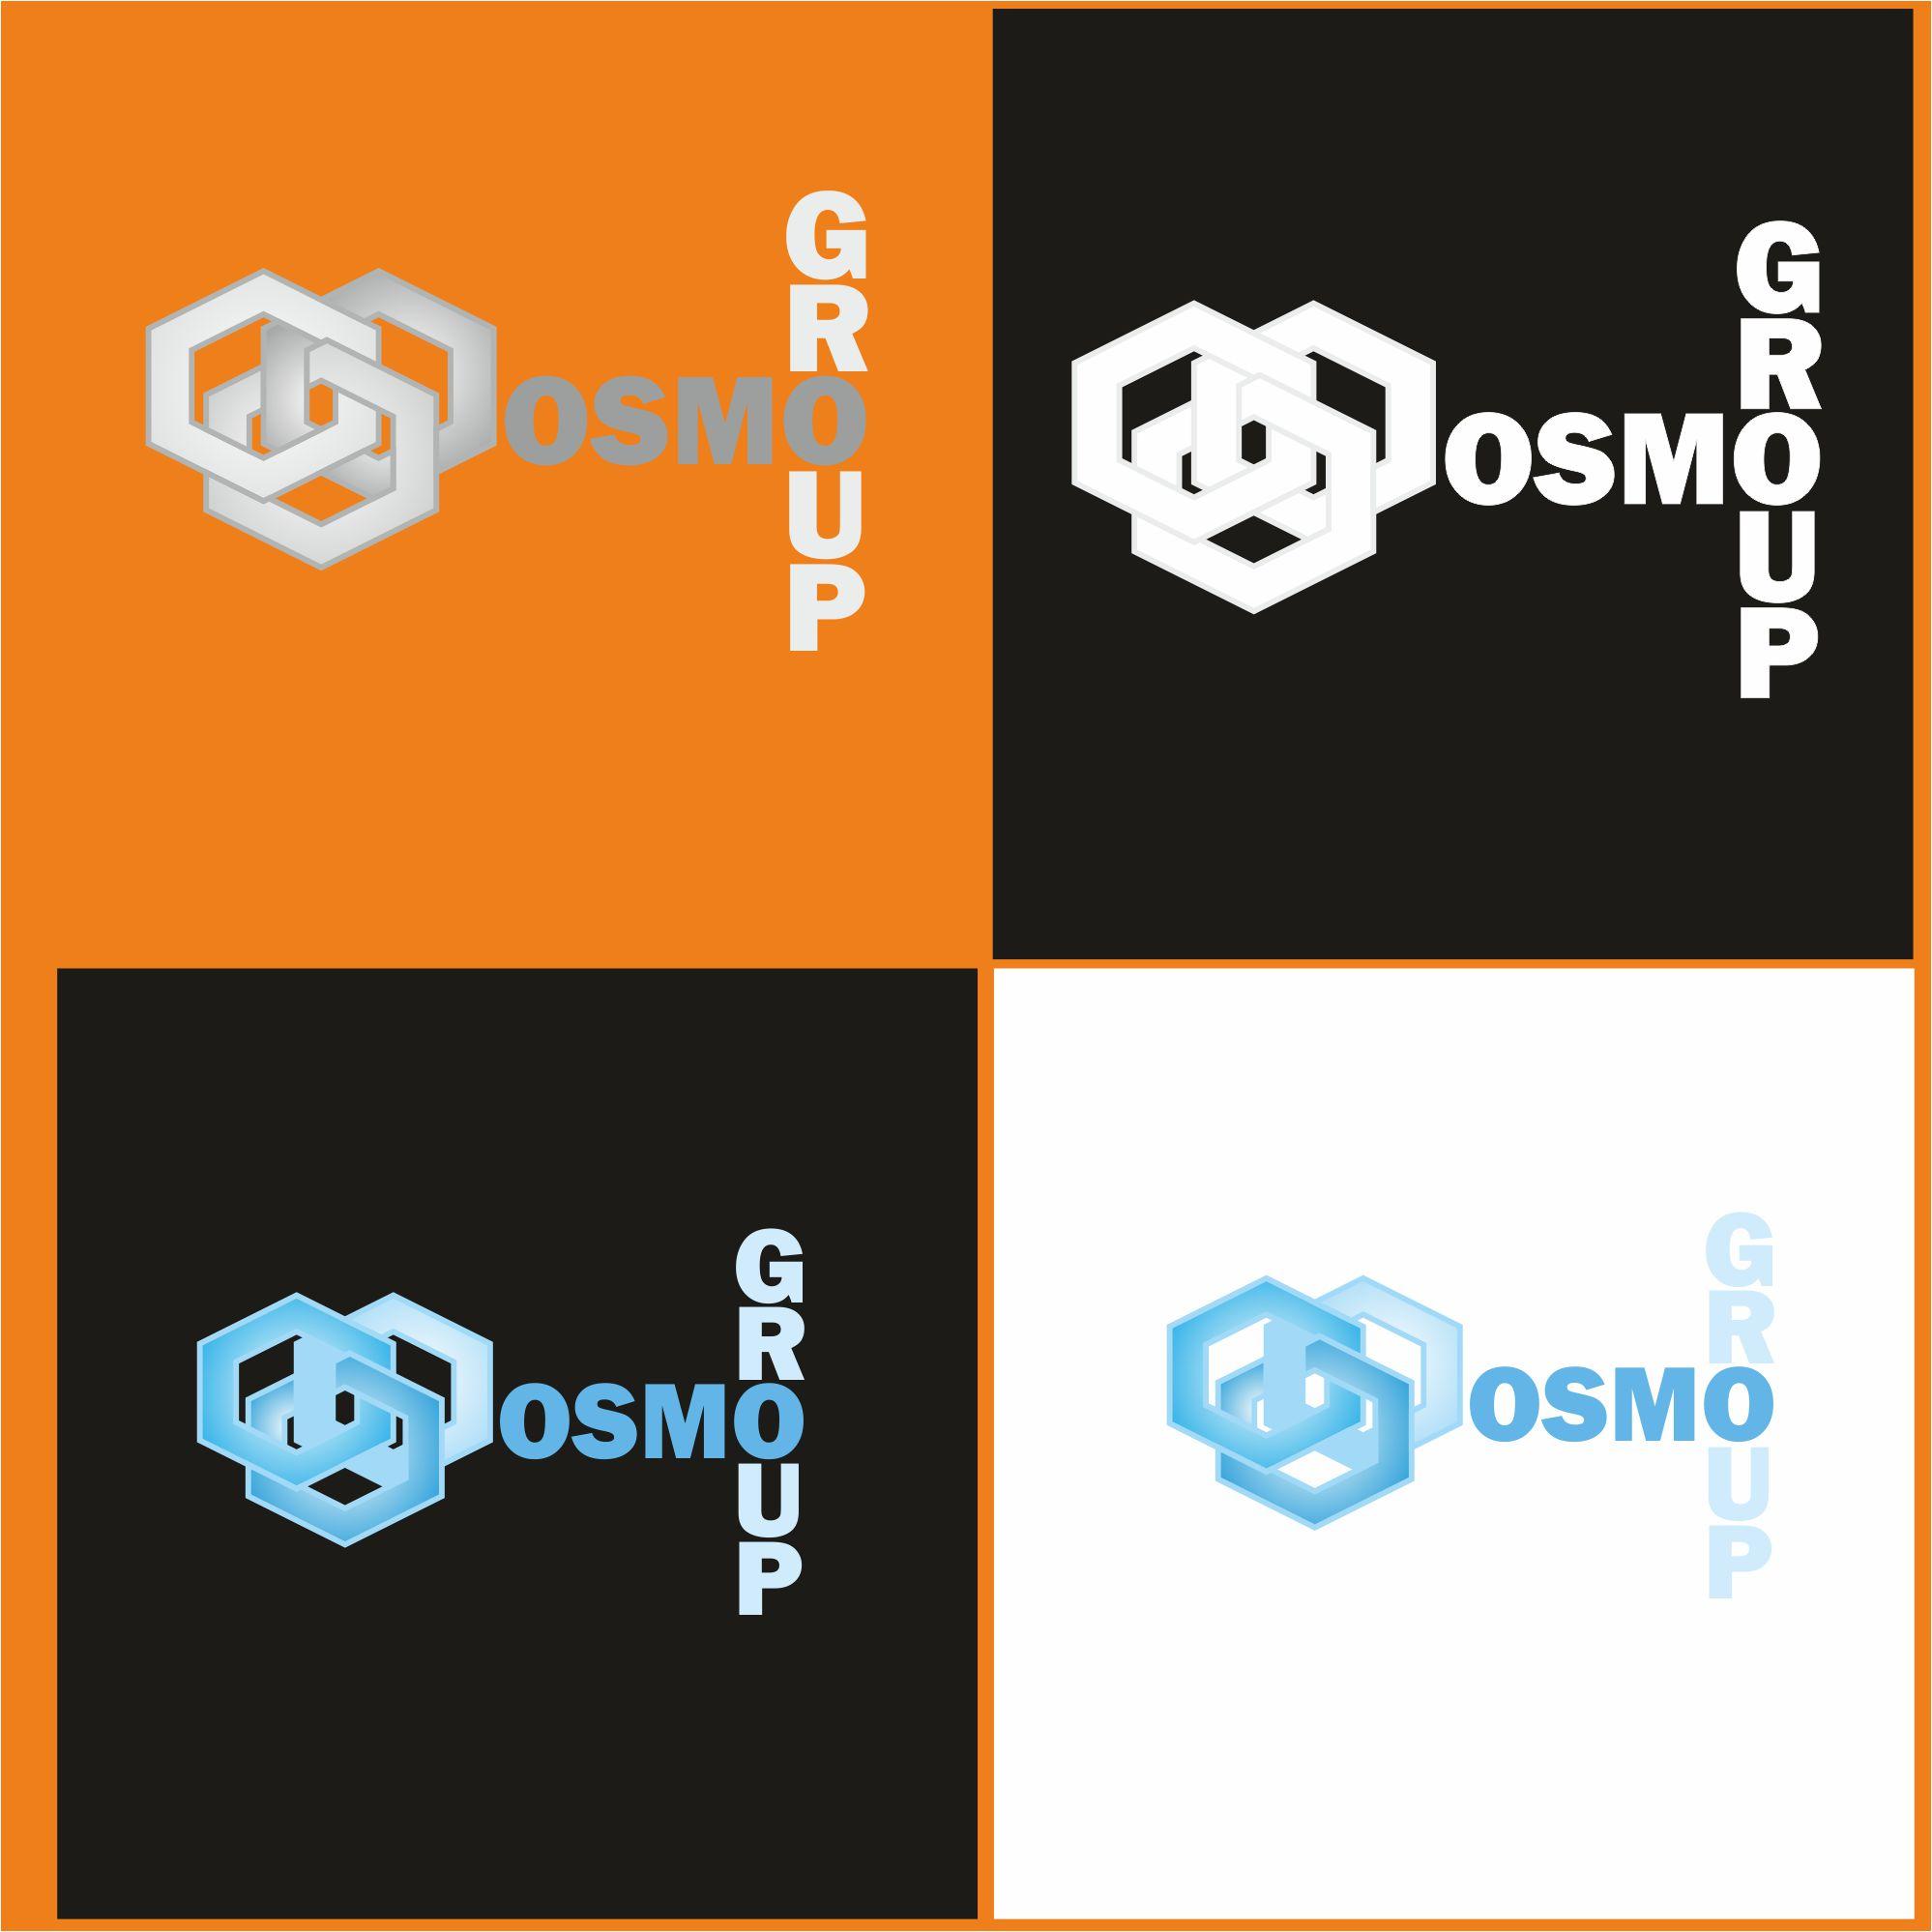 Создание логотипа для строительной компании OSMO group  фото f_41559b6680fea4bd.jpg